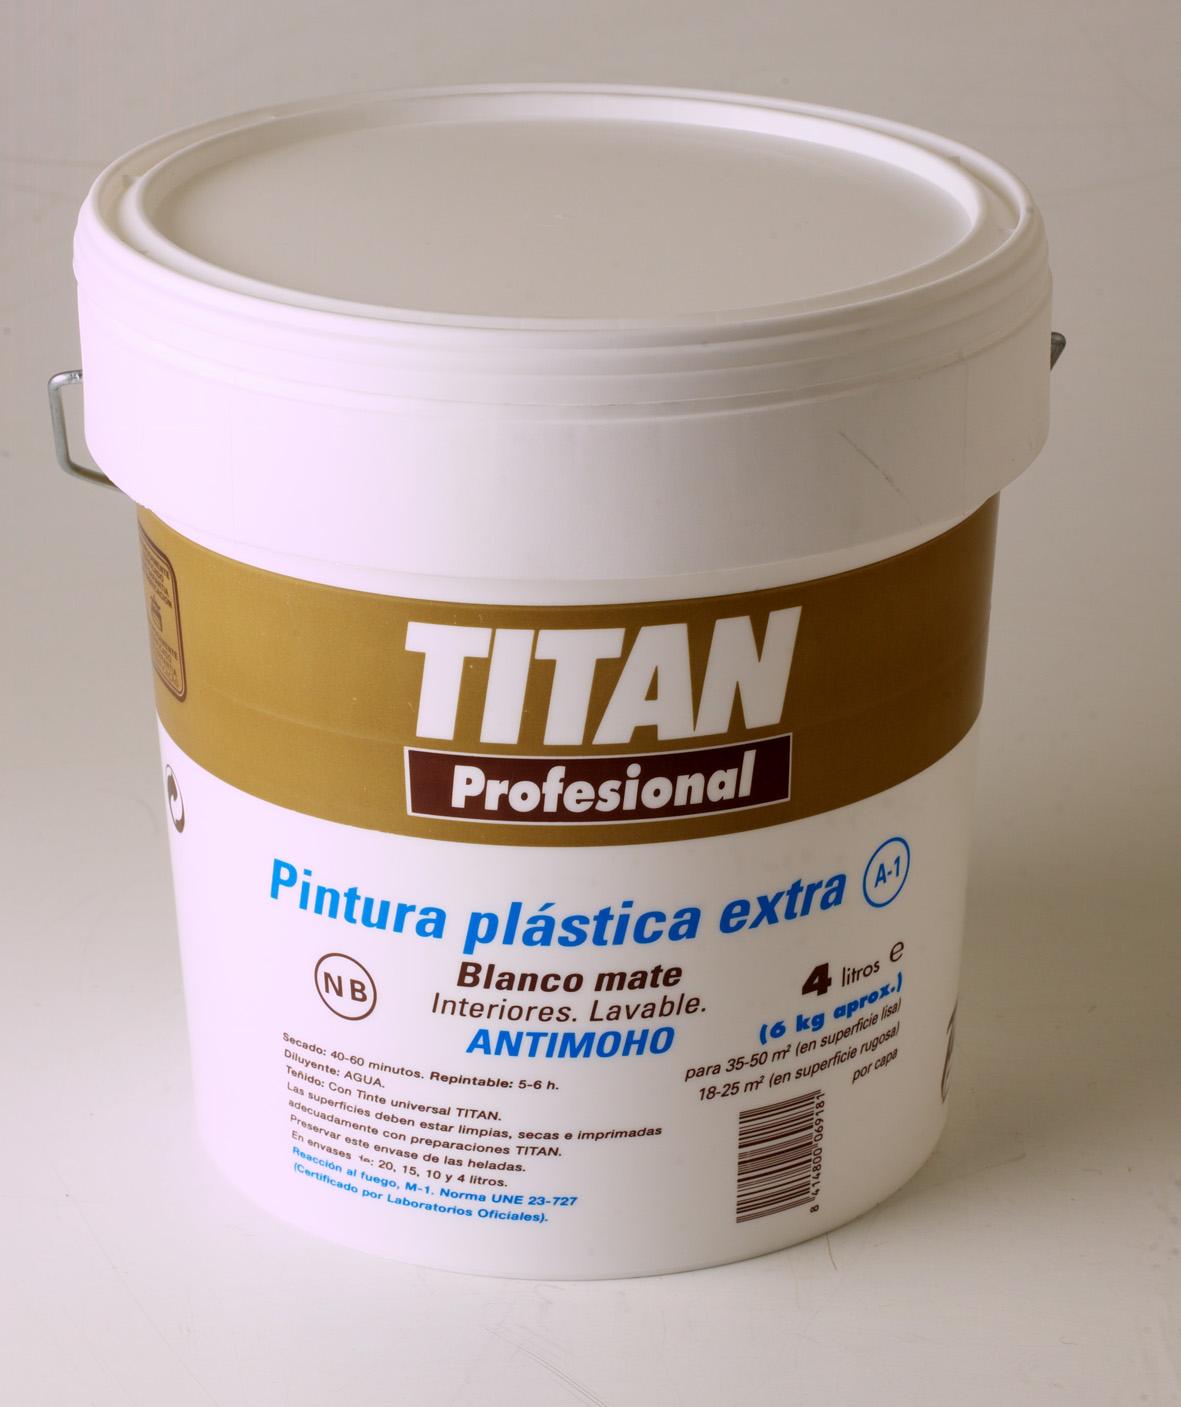 PINTURA PLÁSTICA EXTRA A1 BASE SERVICOLOR PREMIER LINEA VERDE